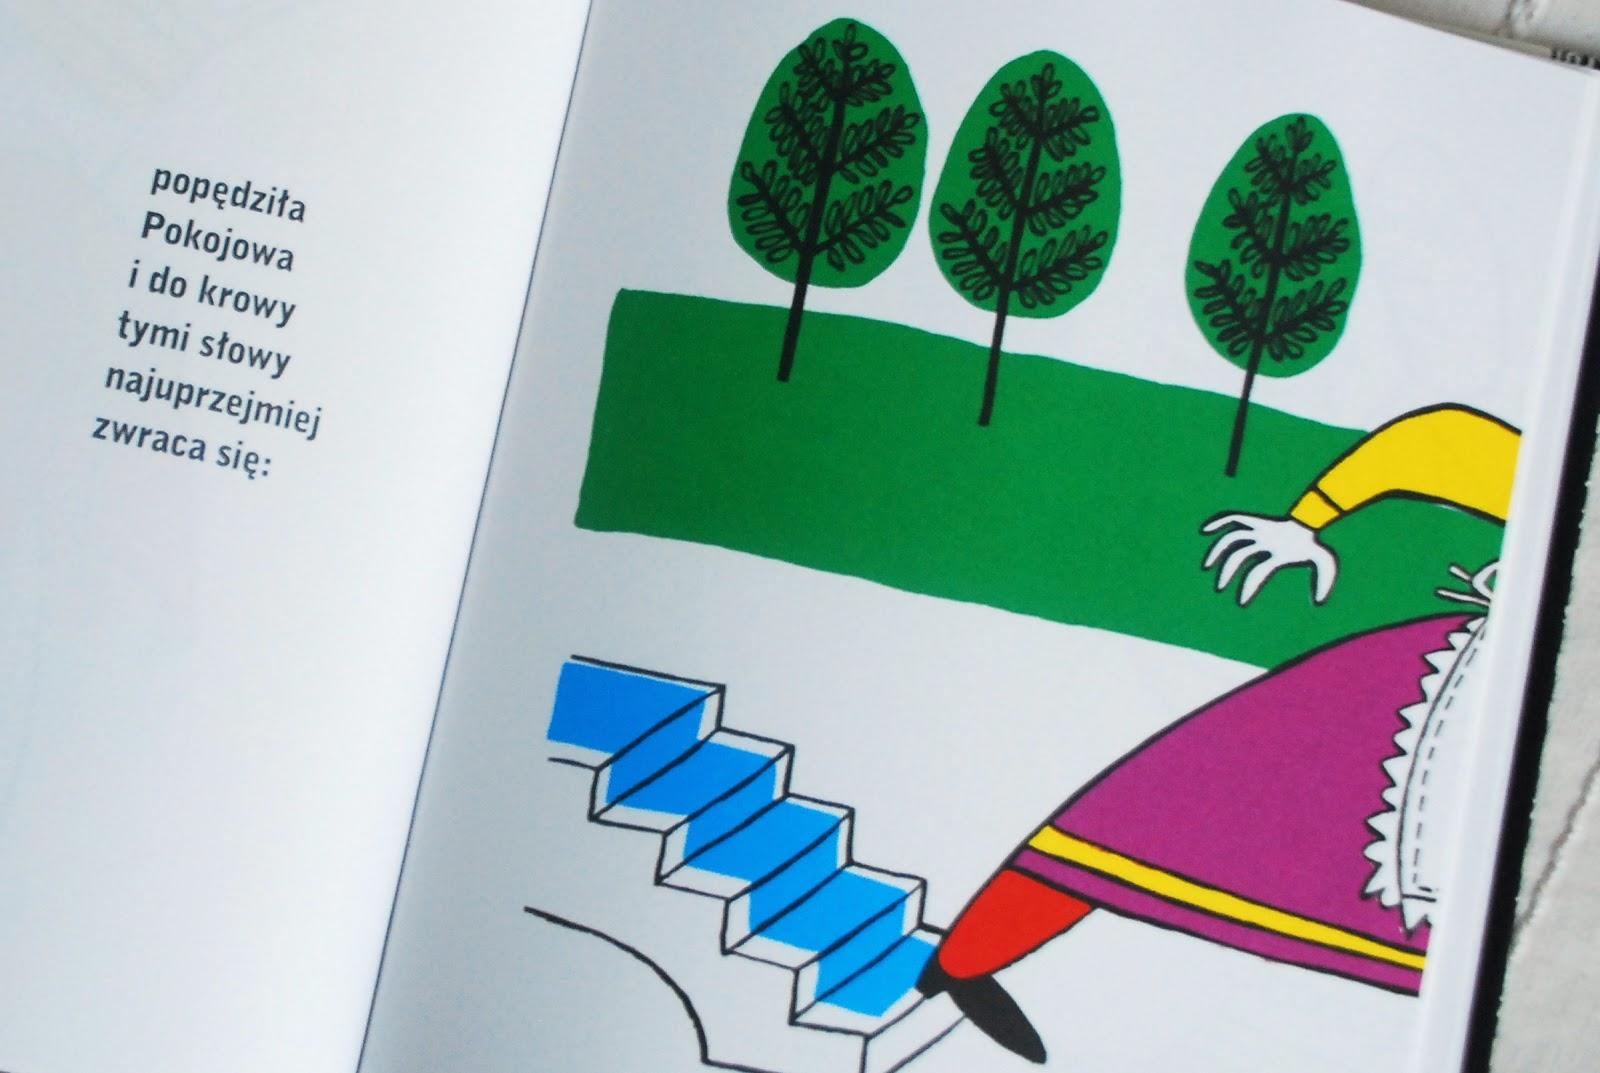 Wnętrze książki – Pokojowa pędzi do krowy